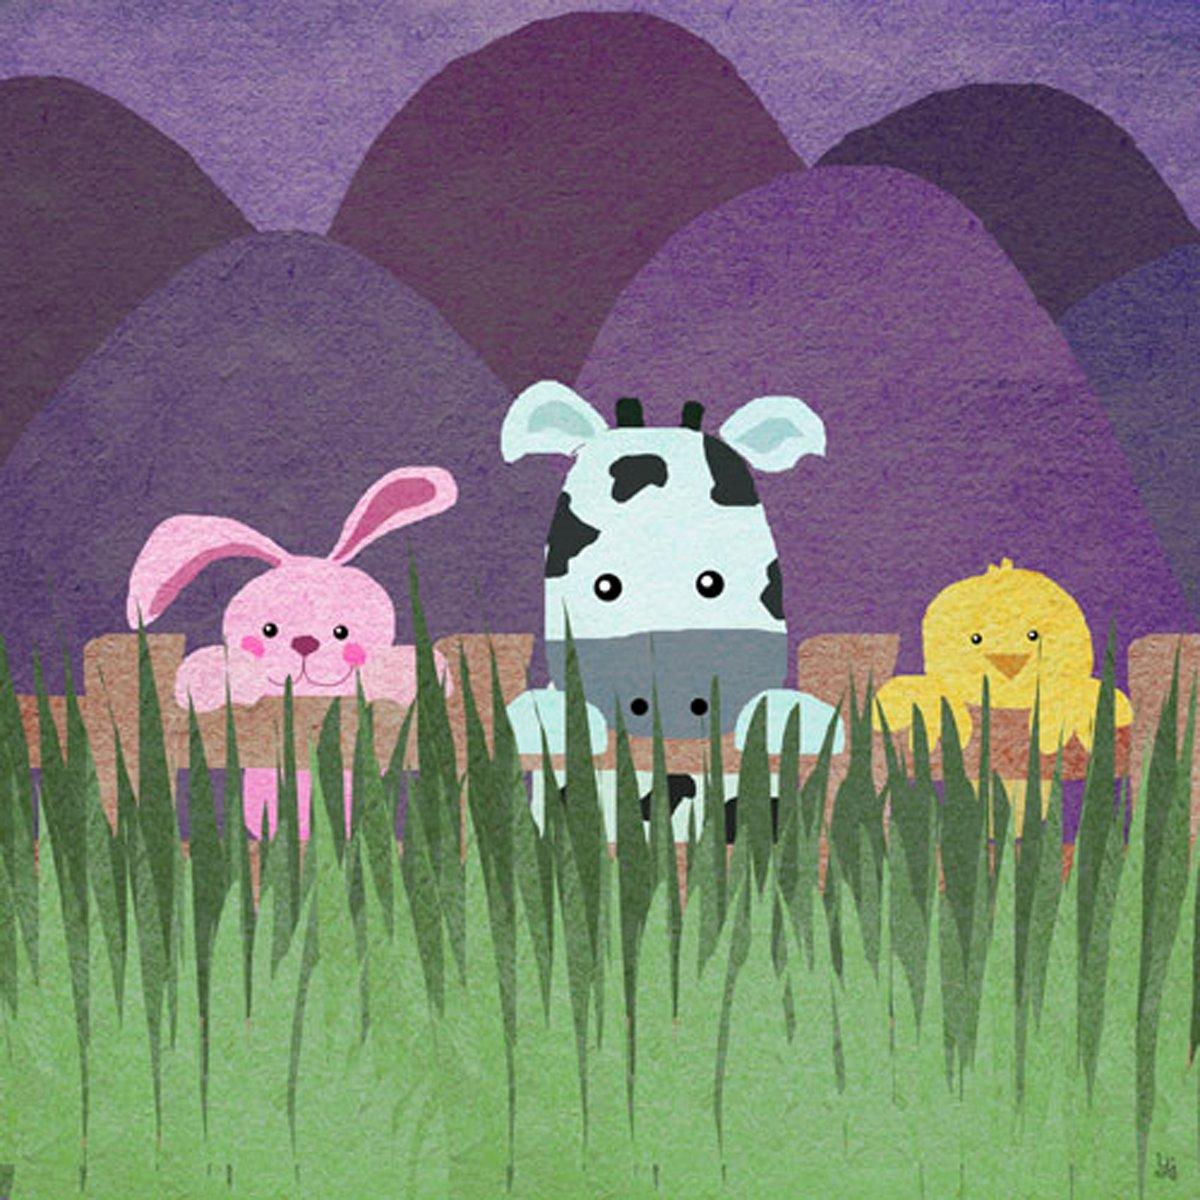 グリーンリーフアートファームLittle Animals Iキャンバスアート   B00O5E7FAA